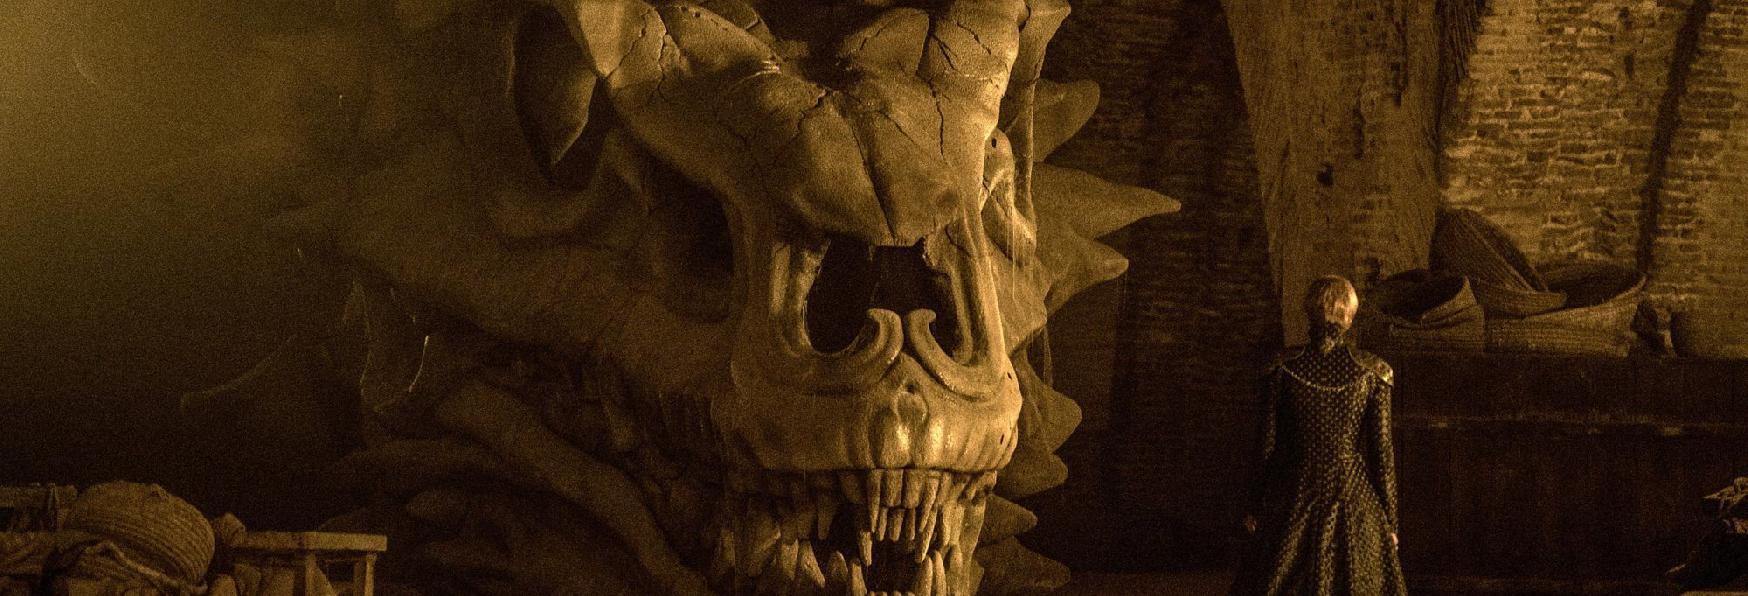 Le prime Foto dal Set in Costruzione dello Spin-off di Game of Thrones